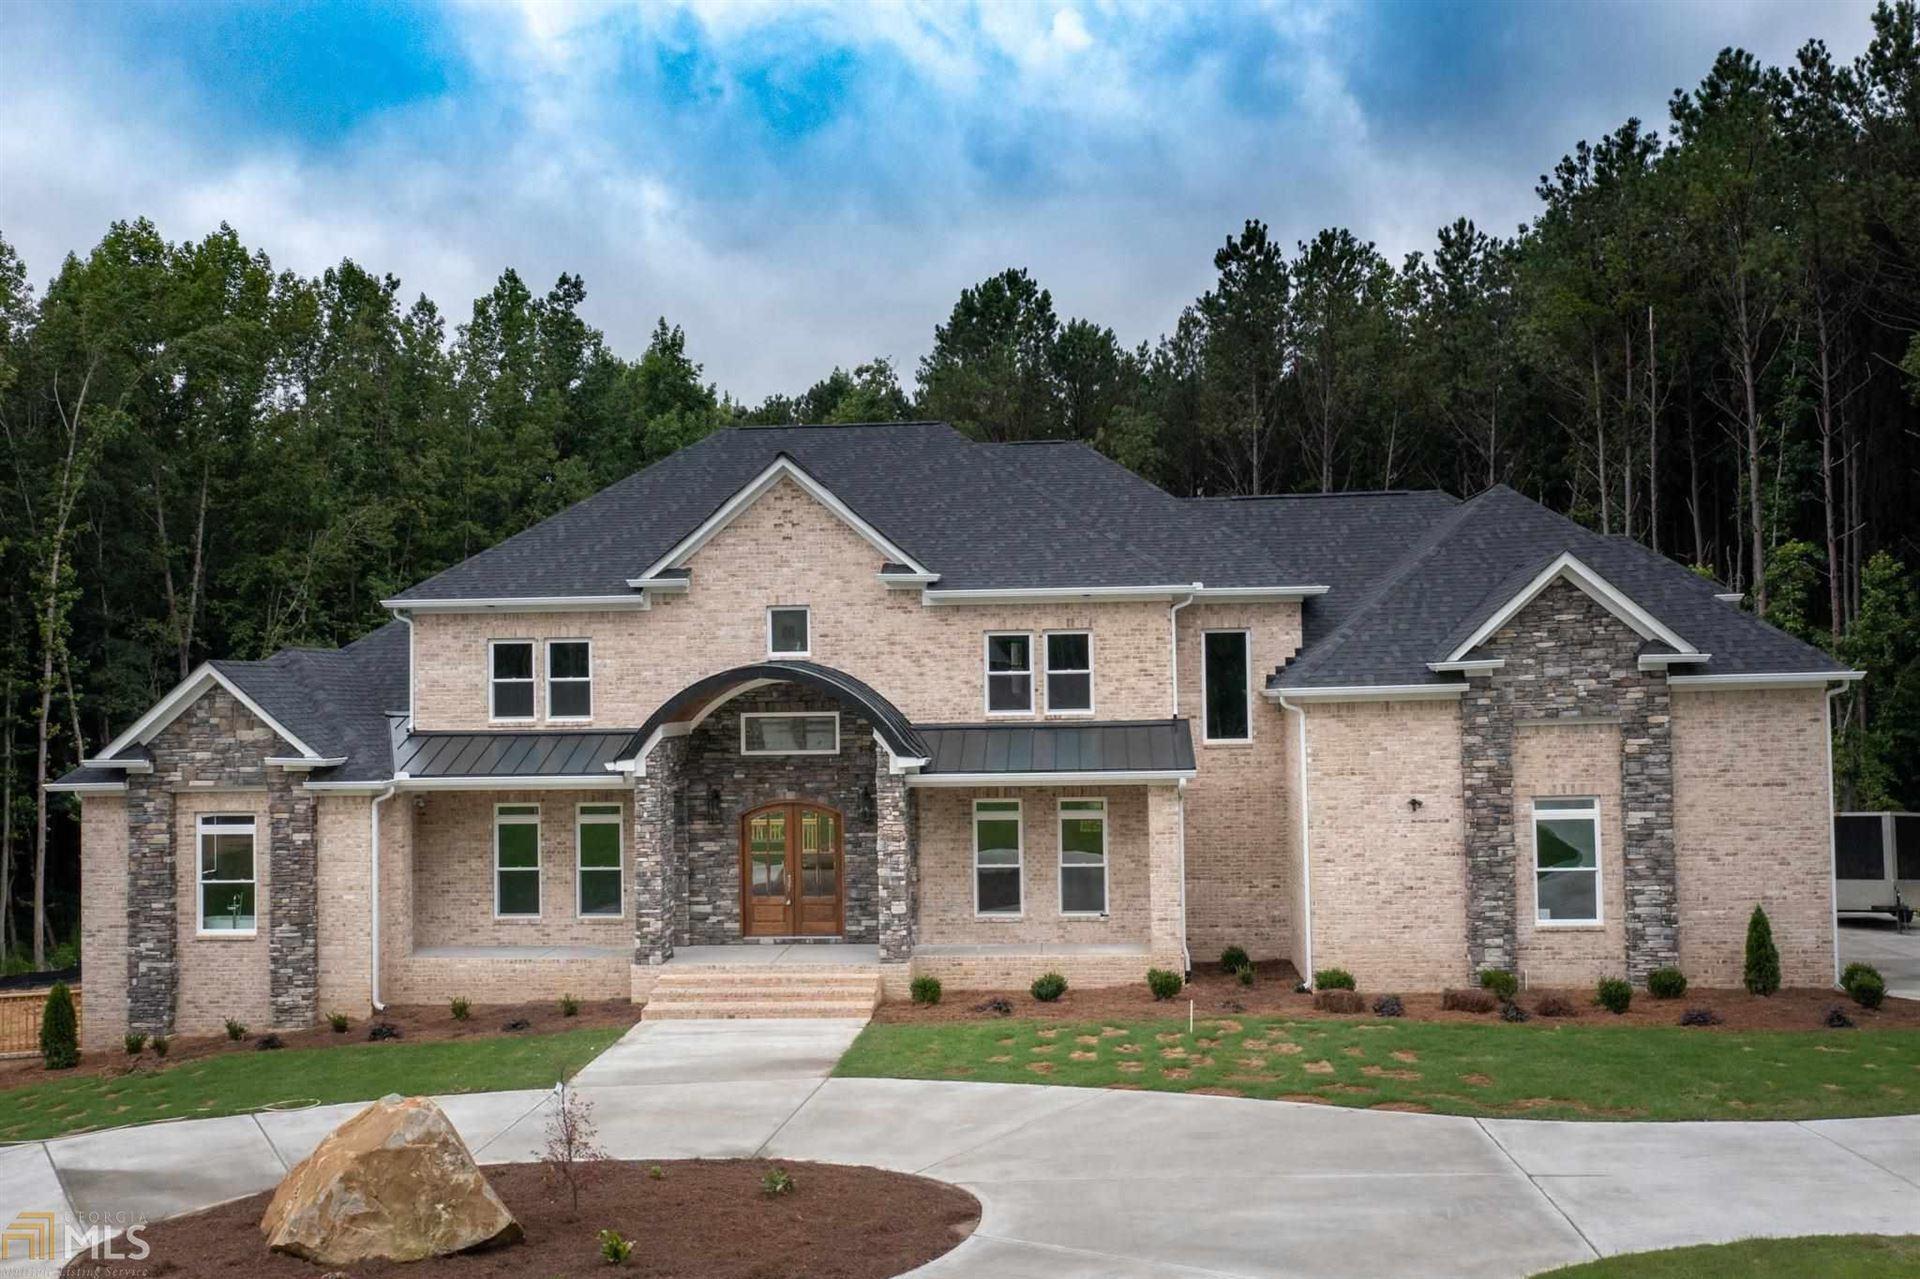 290 Waltham Way, Fayetteville, GA 30214 - MLS#: 8911877